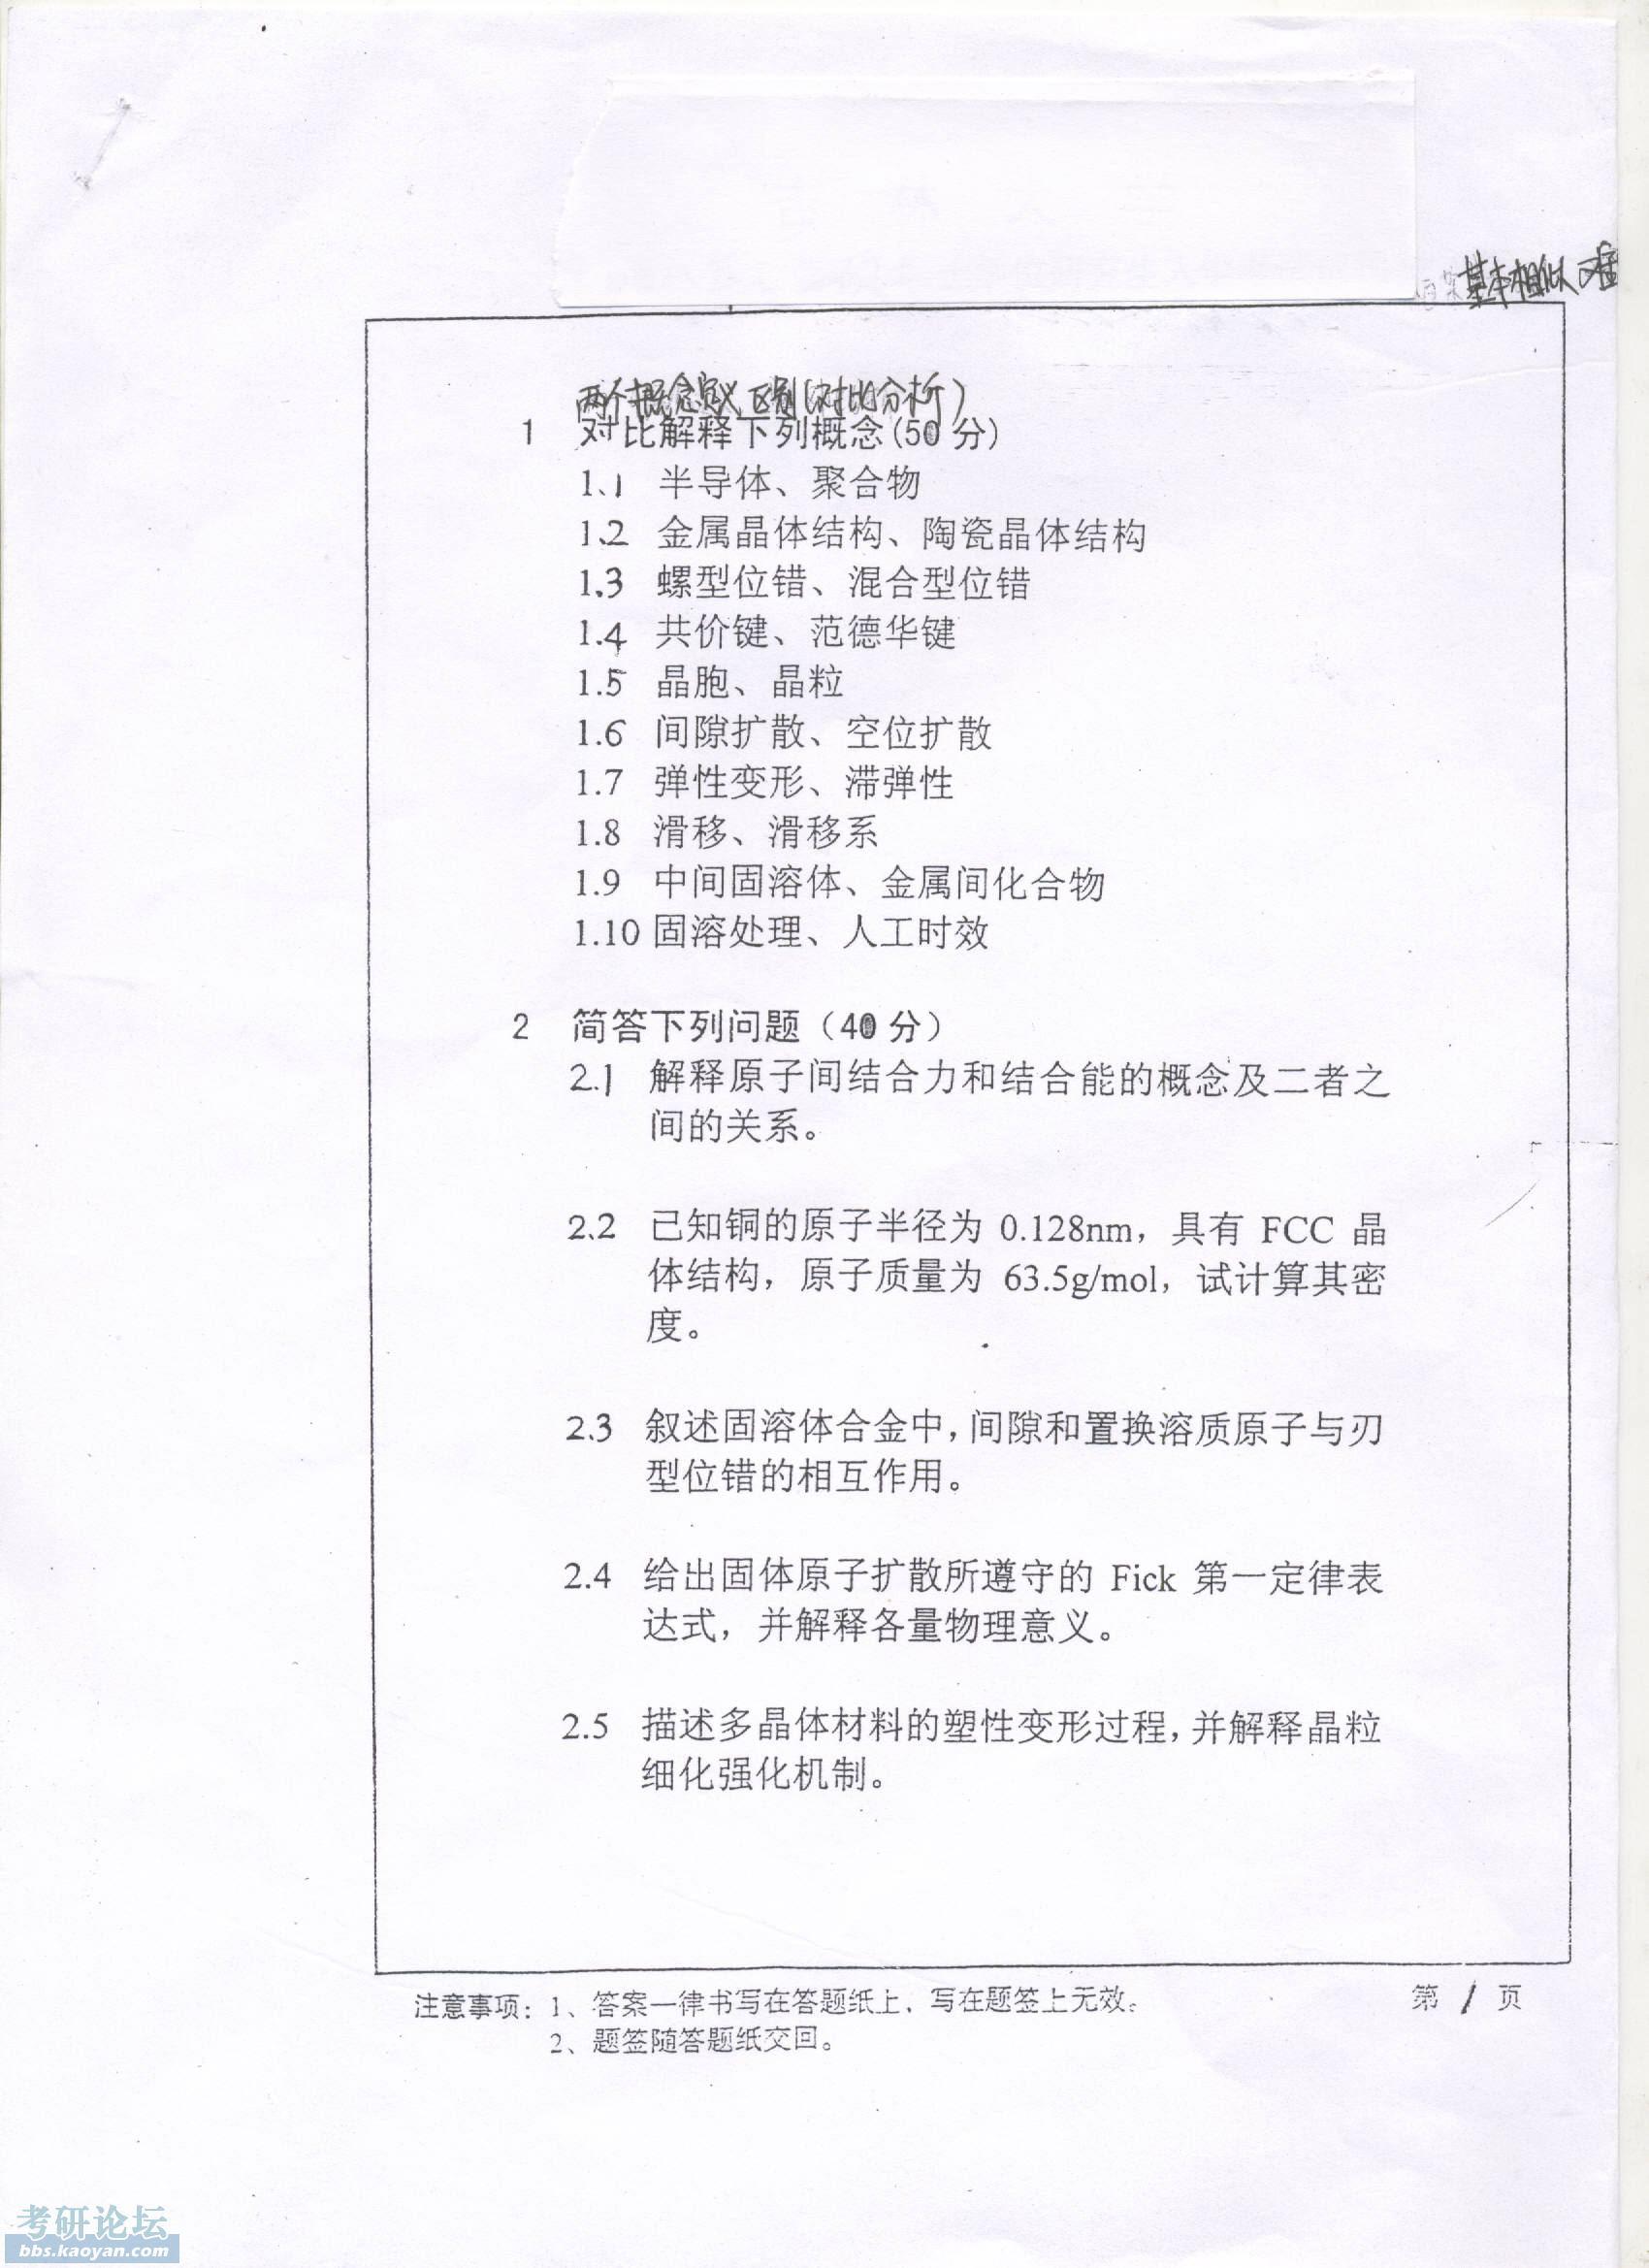 File0001.Jpg